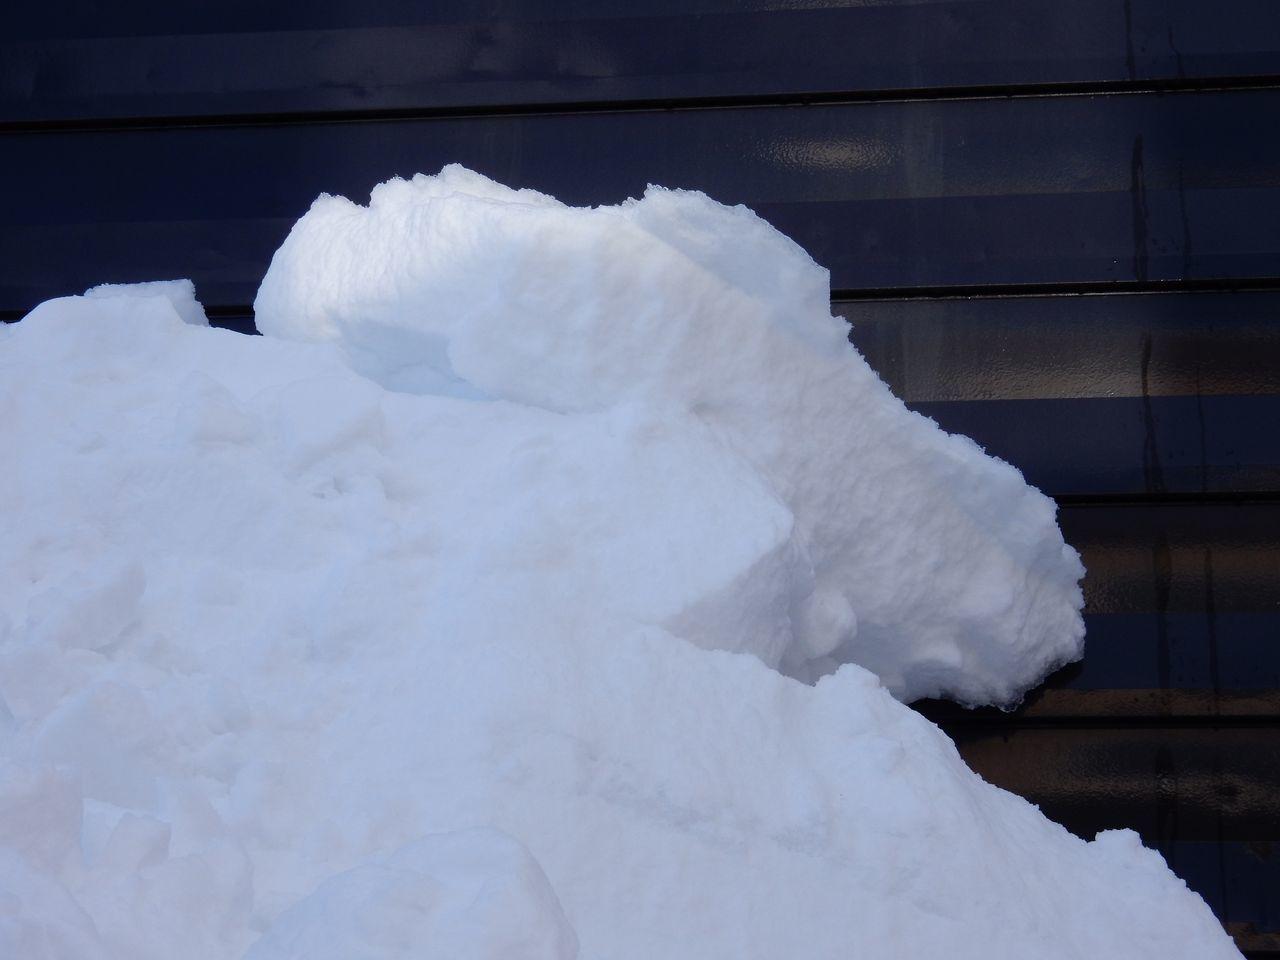 真冬日ではありましたが_c0025115_22051823.jpg